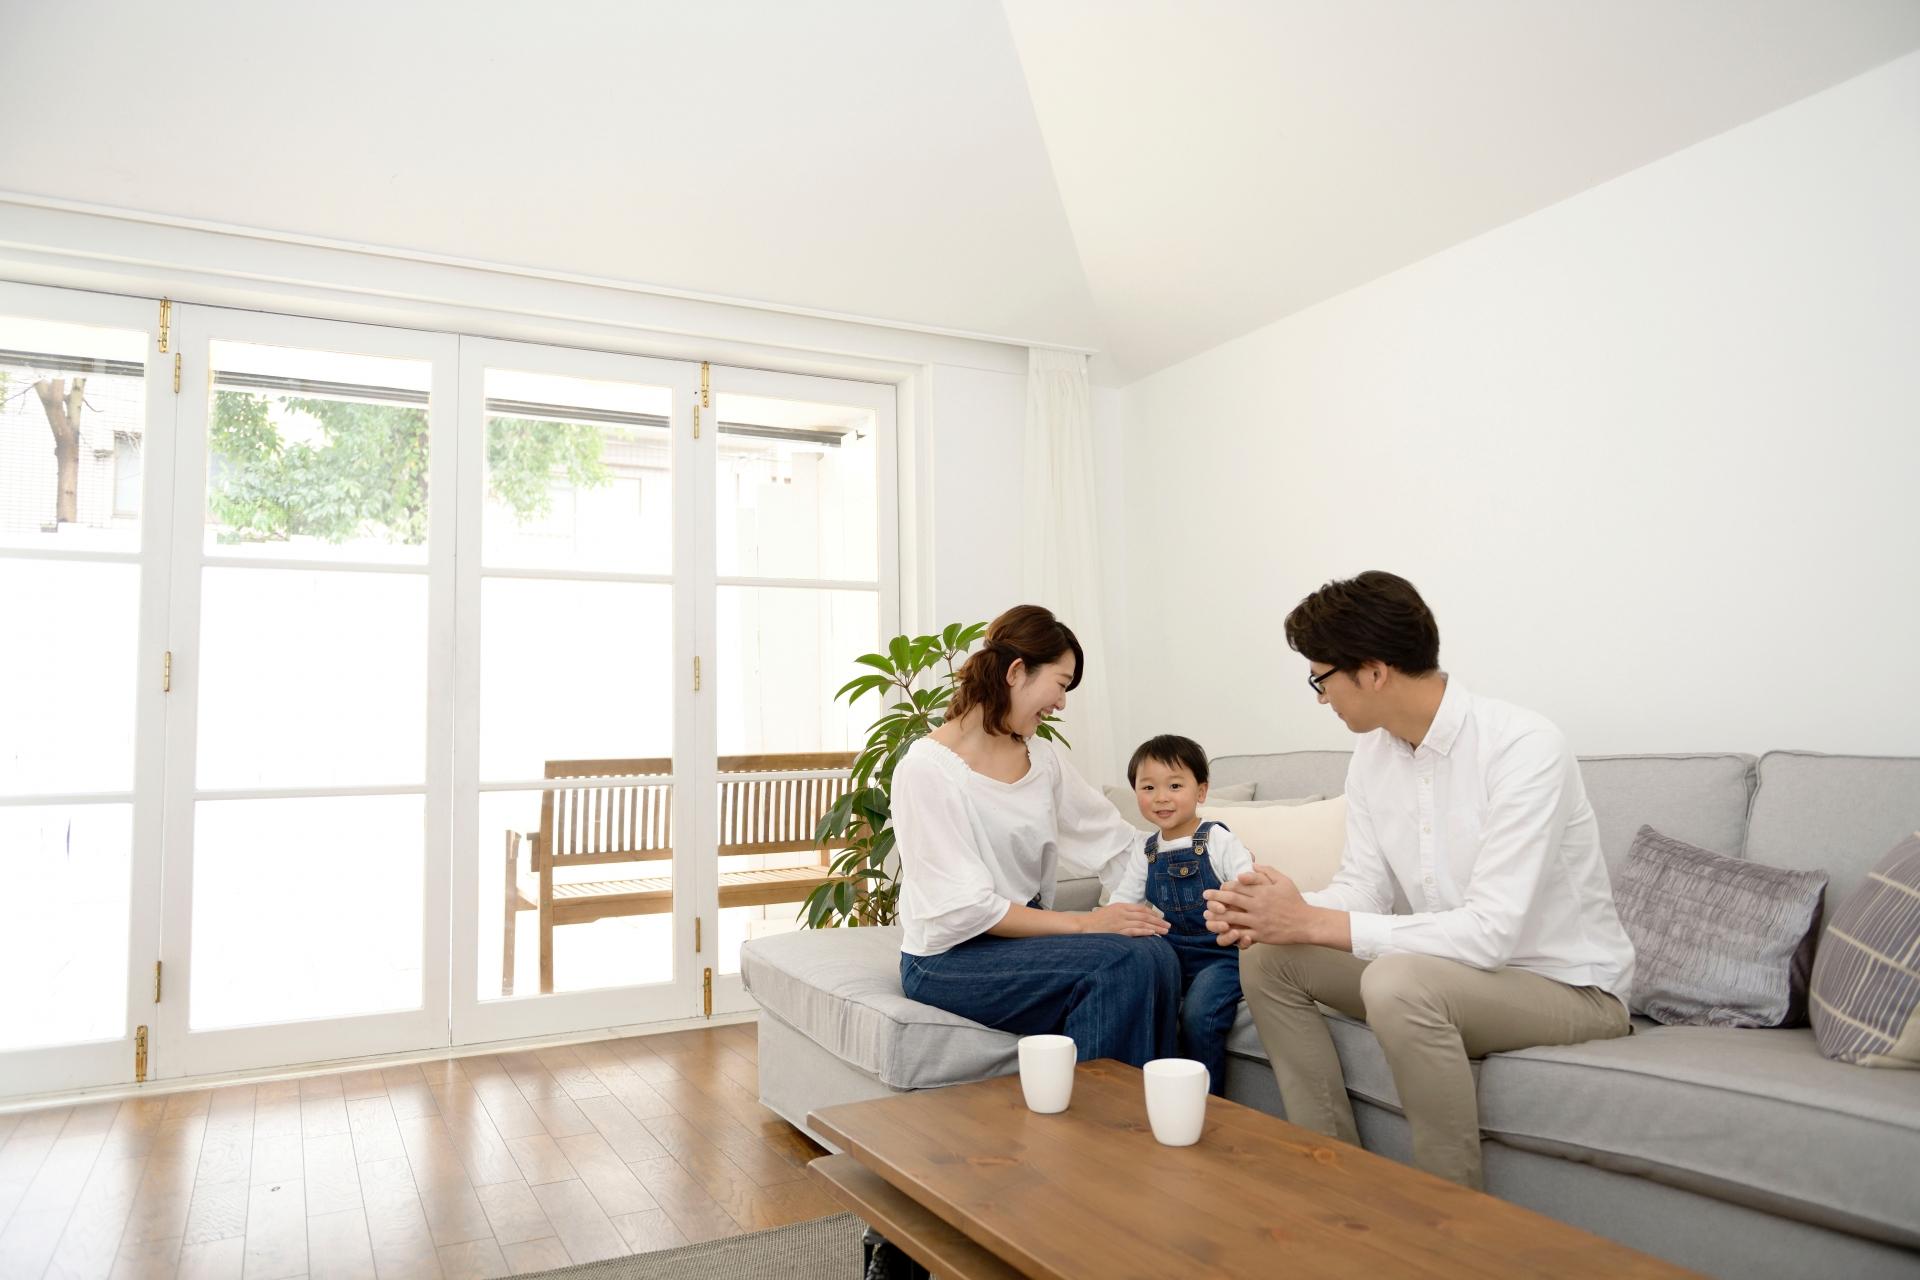 家づくりで失敗しないための7つの秘訣セミナー